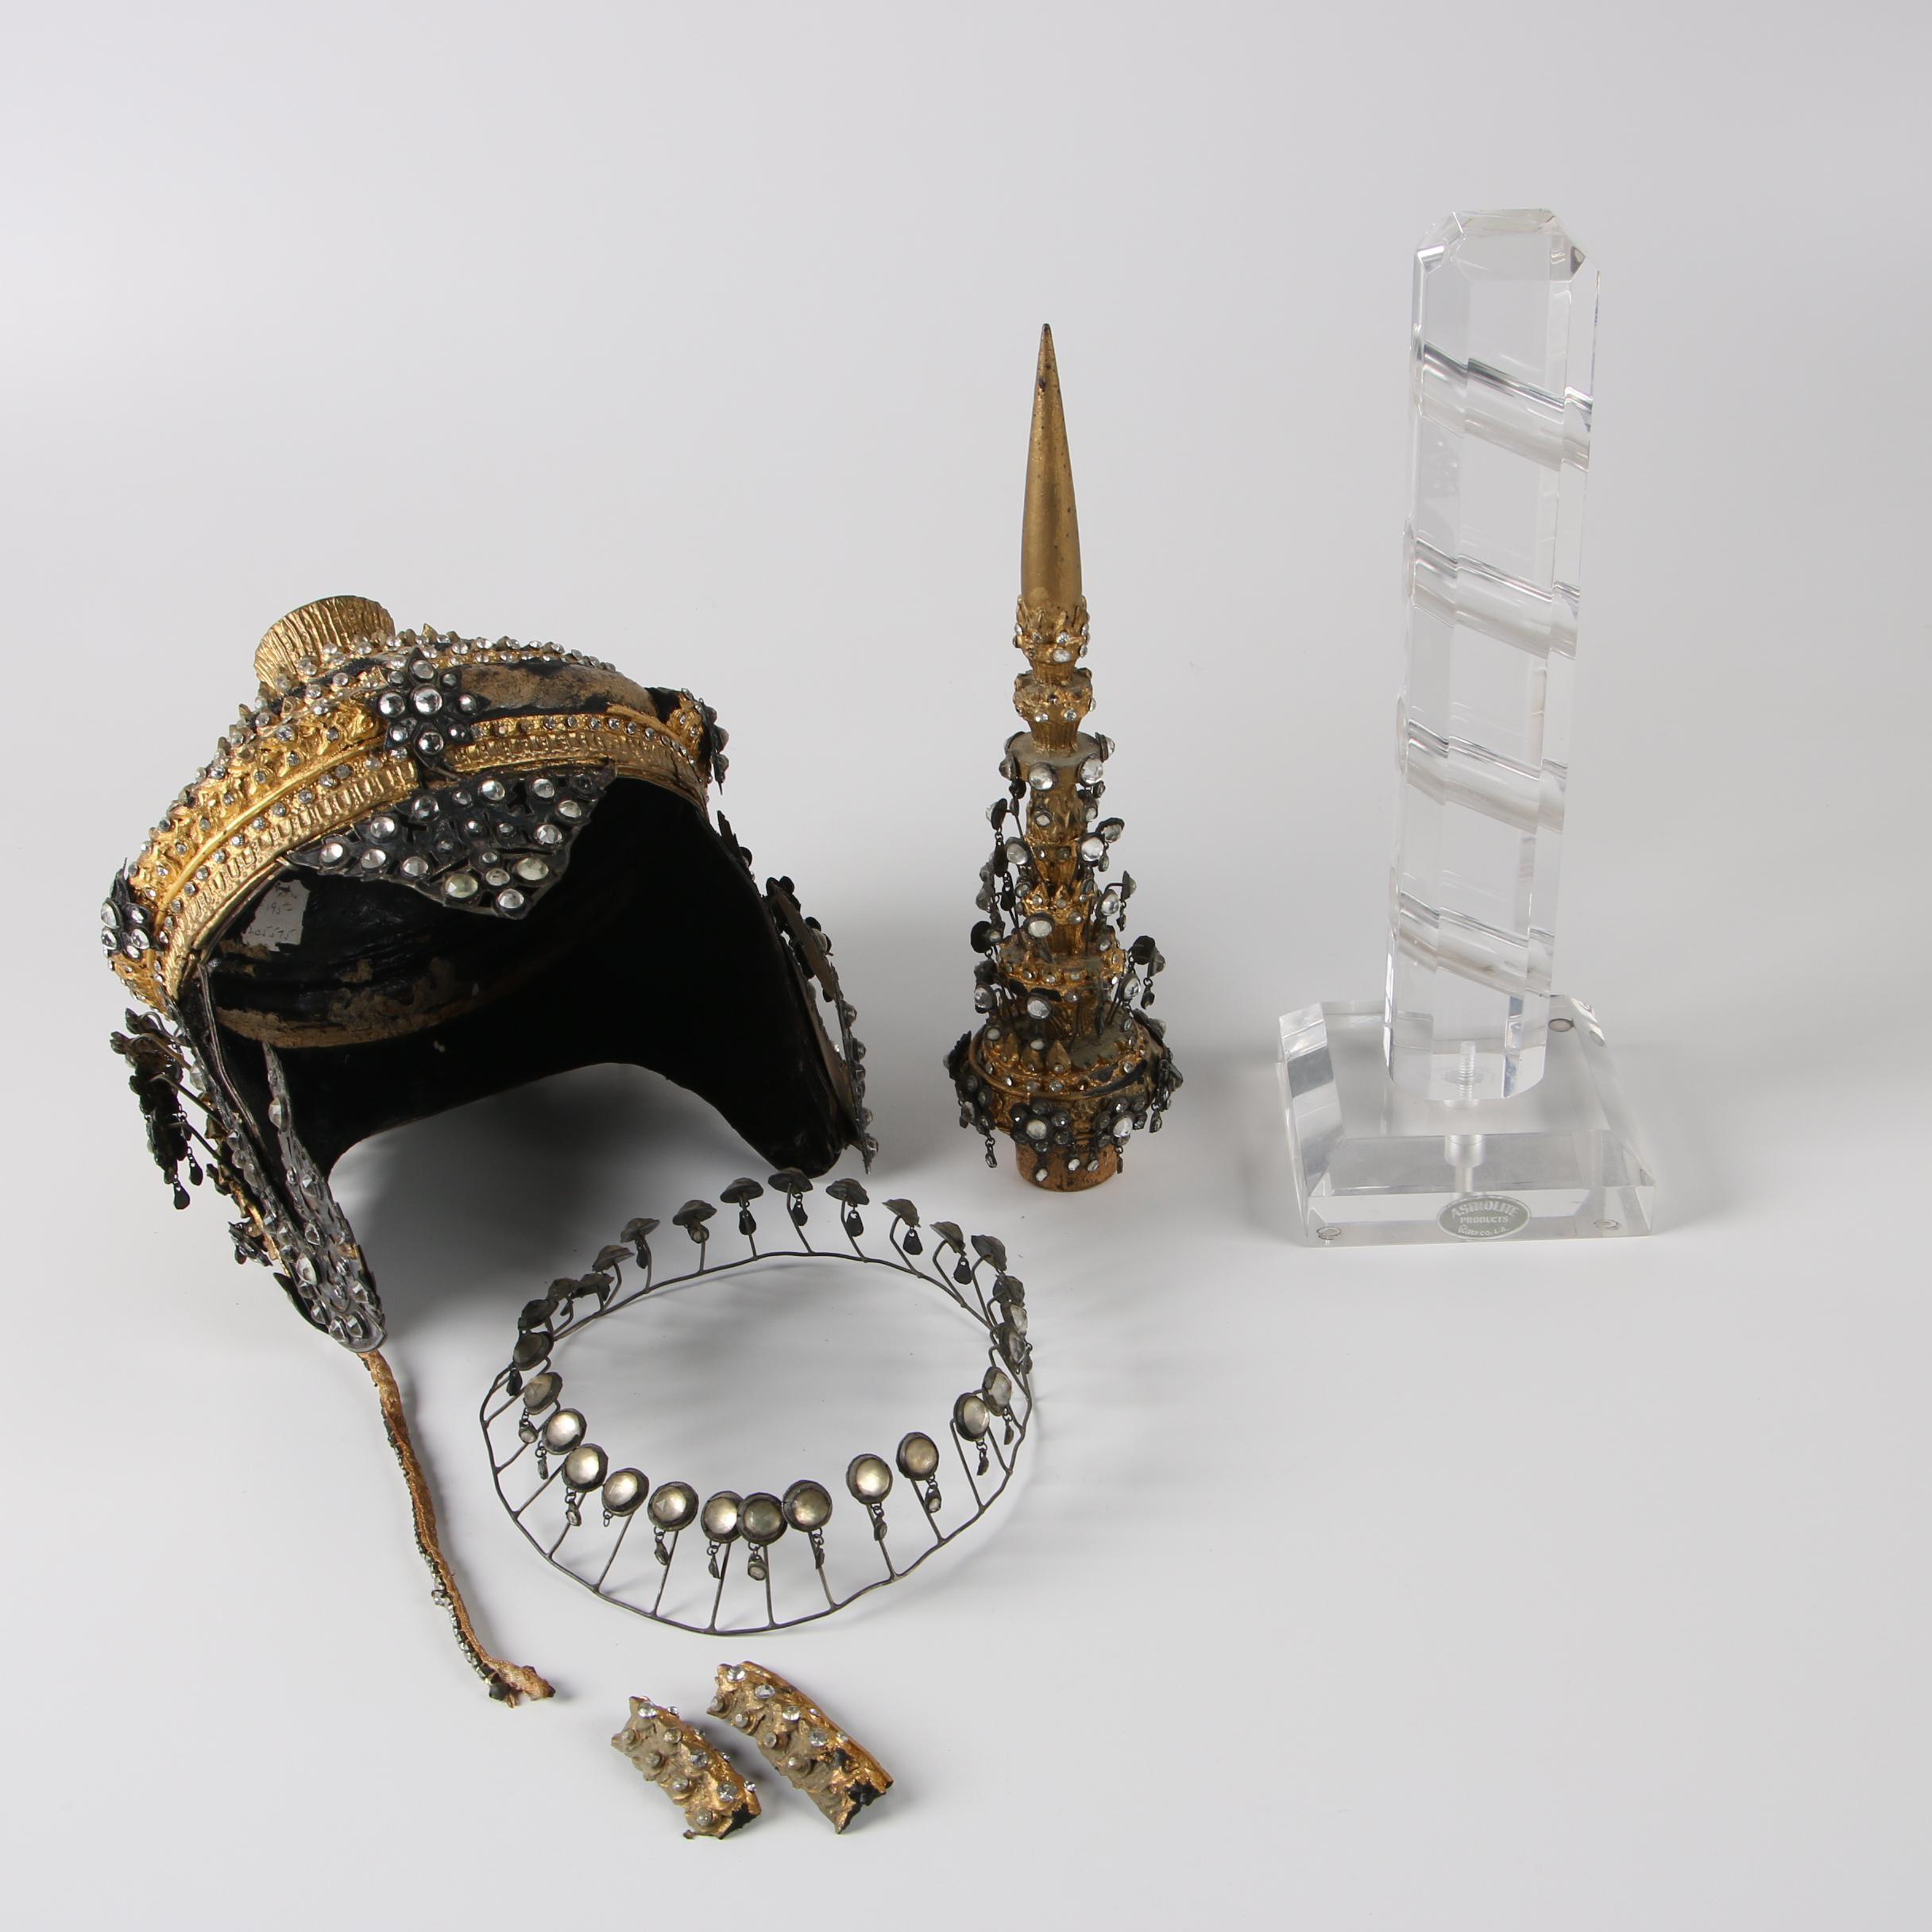 Contemporary Reproduction Thai Ram-Thai Crown Dancer Headdress